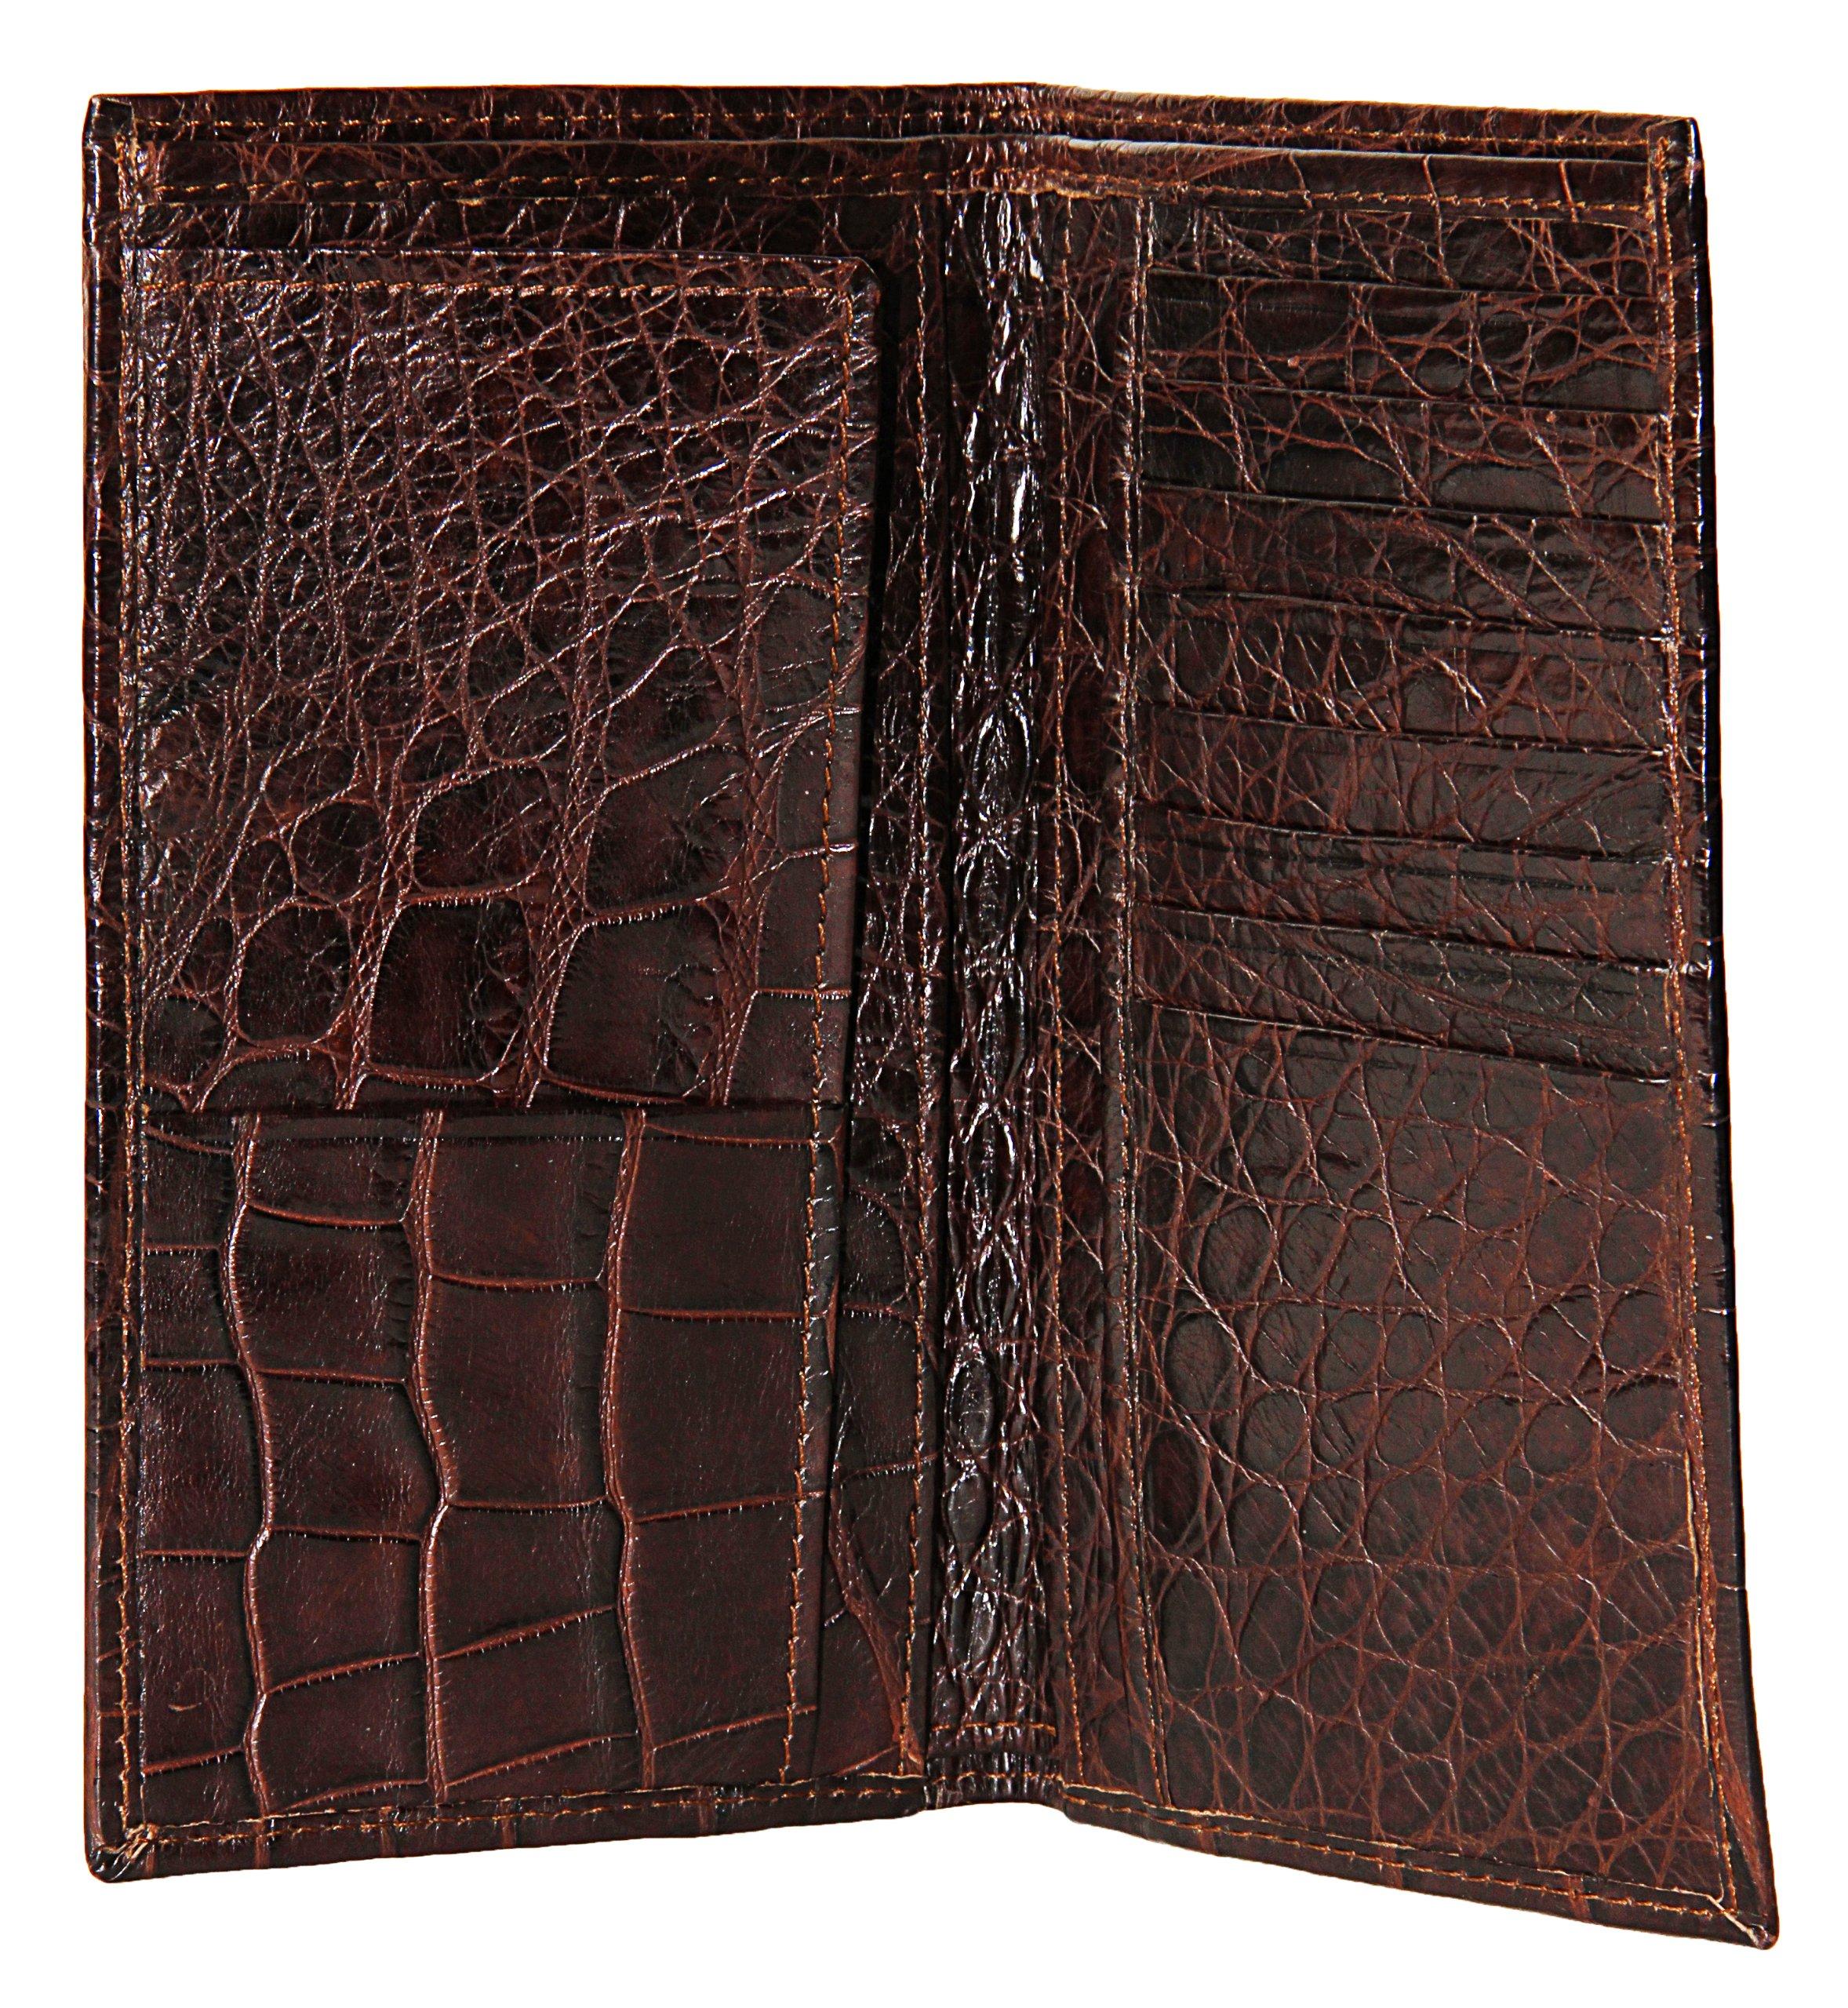 Sultan Genuine Alligator Unisex Checkbook Wallet - Brown Safari (Semi-Gloss) - One Size by Sultan